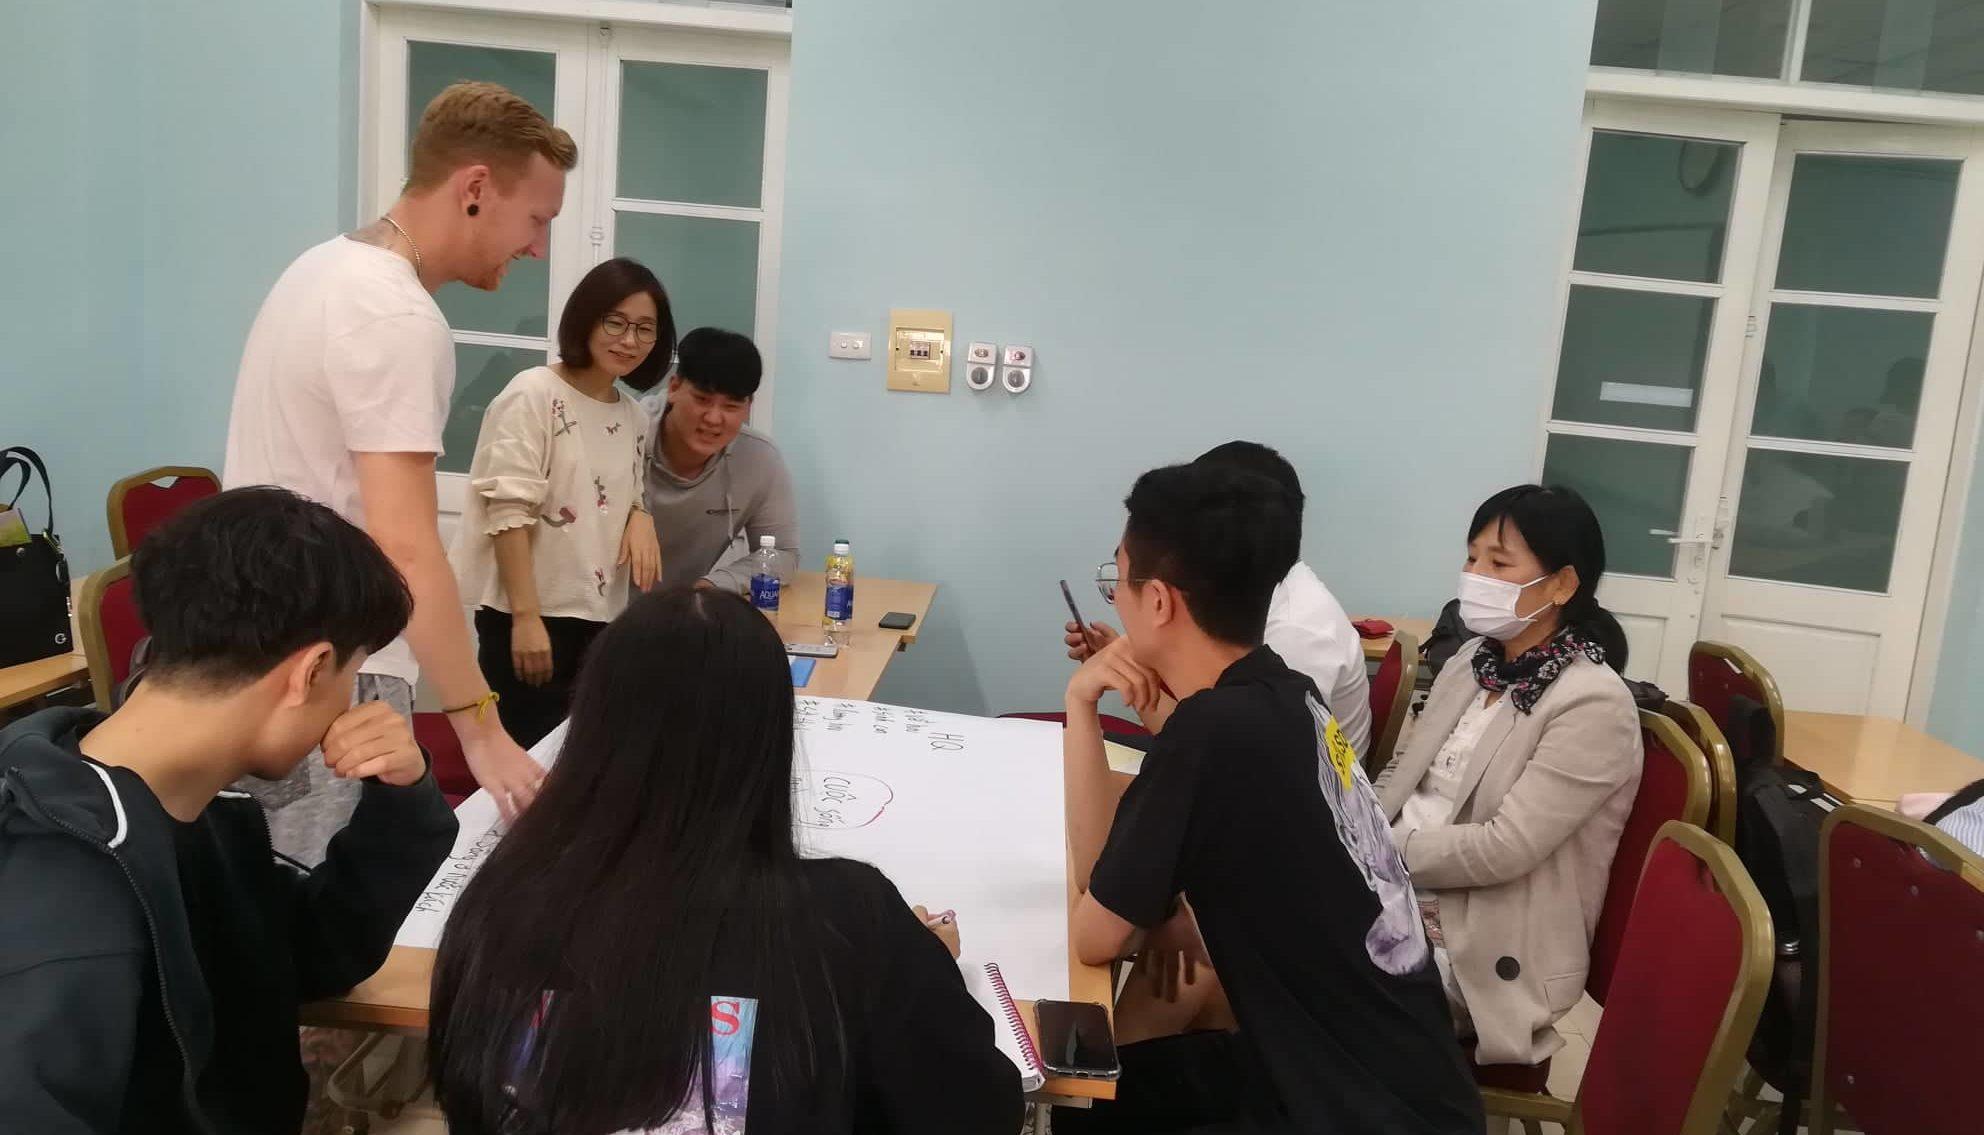 【必見】ベトナムで英語を格安で学ぶ方法とは?10日間無料で月額3千円?